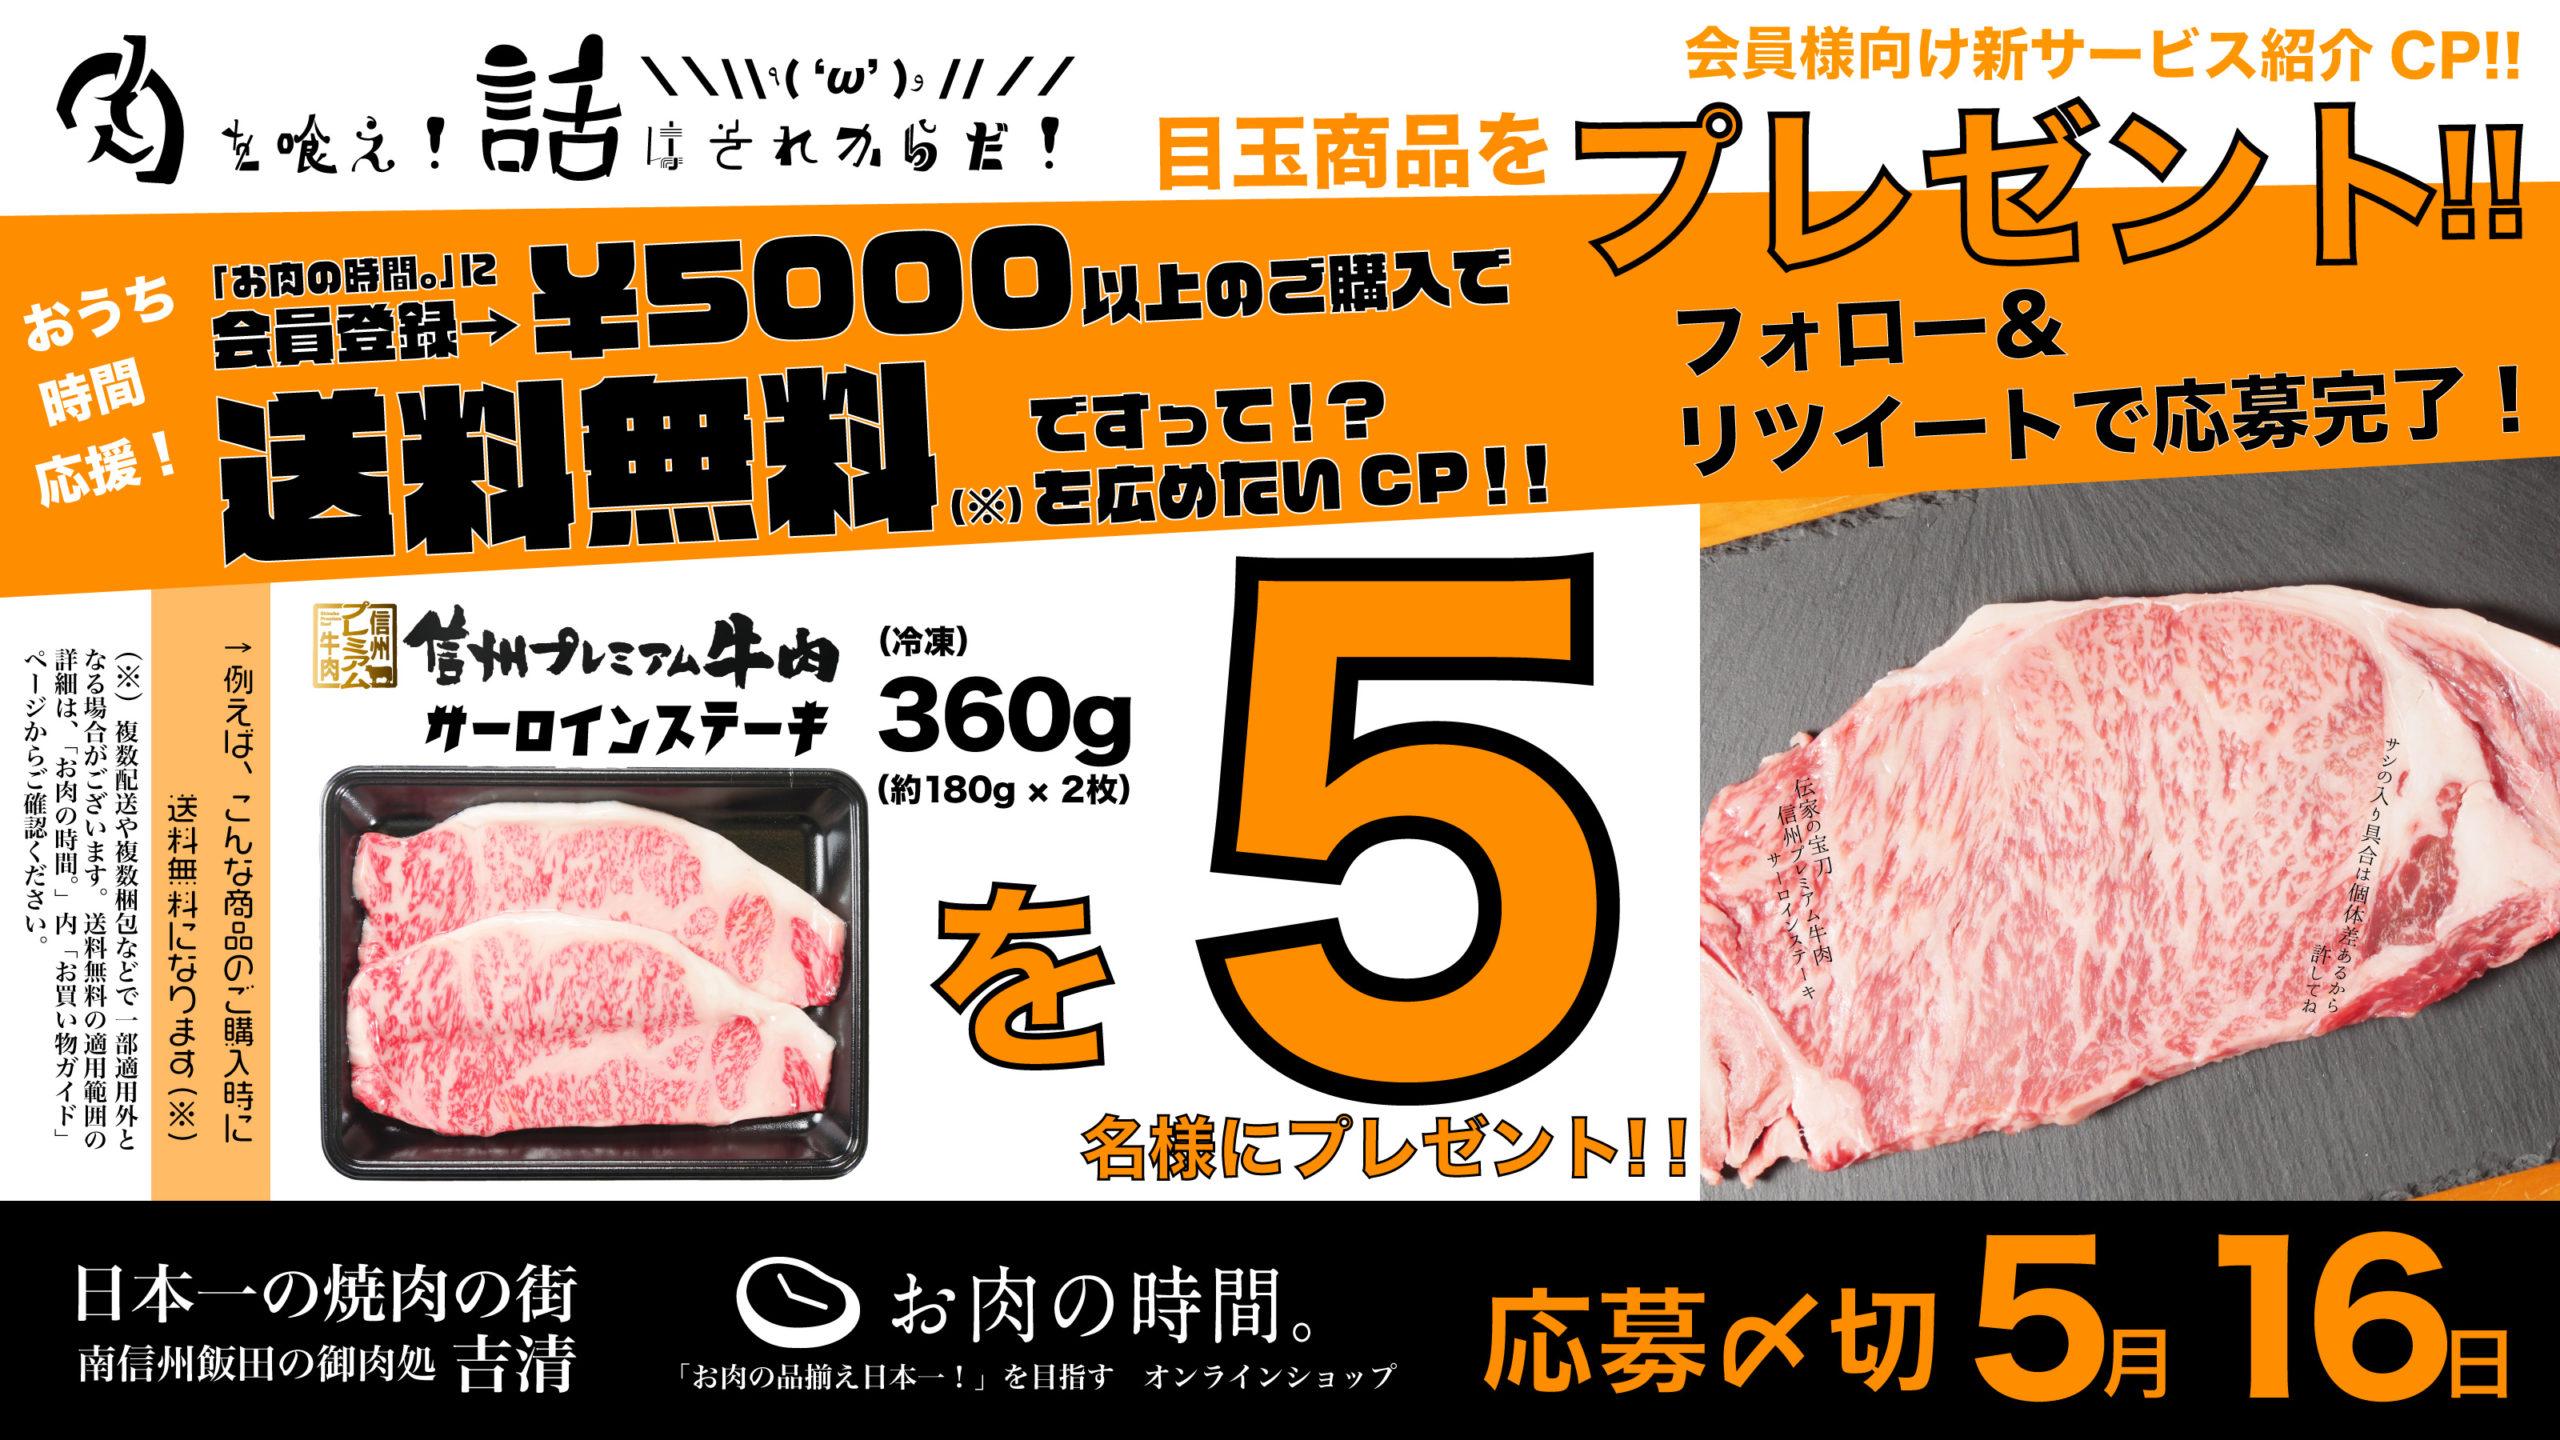 5/14正午より!会員登録→¥5000↑購入で送料無料ですって!?を広めたいCP!